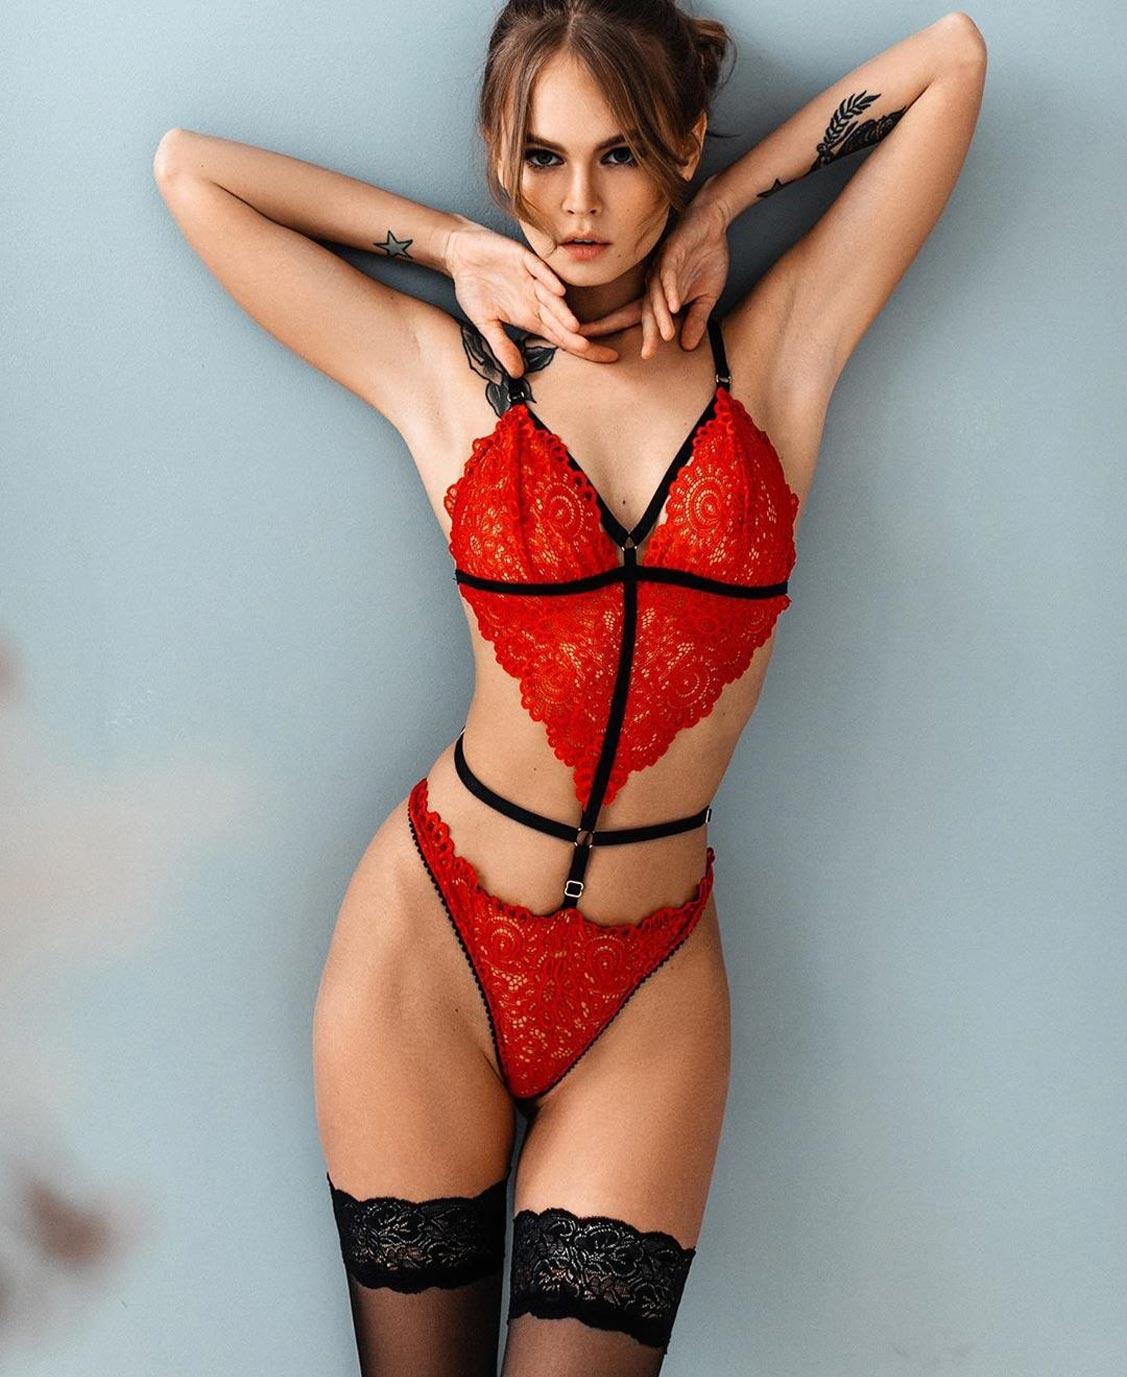 Анастасия Щеглова в нижнем белье торговой марки MissX / фото 15